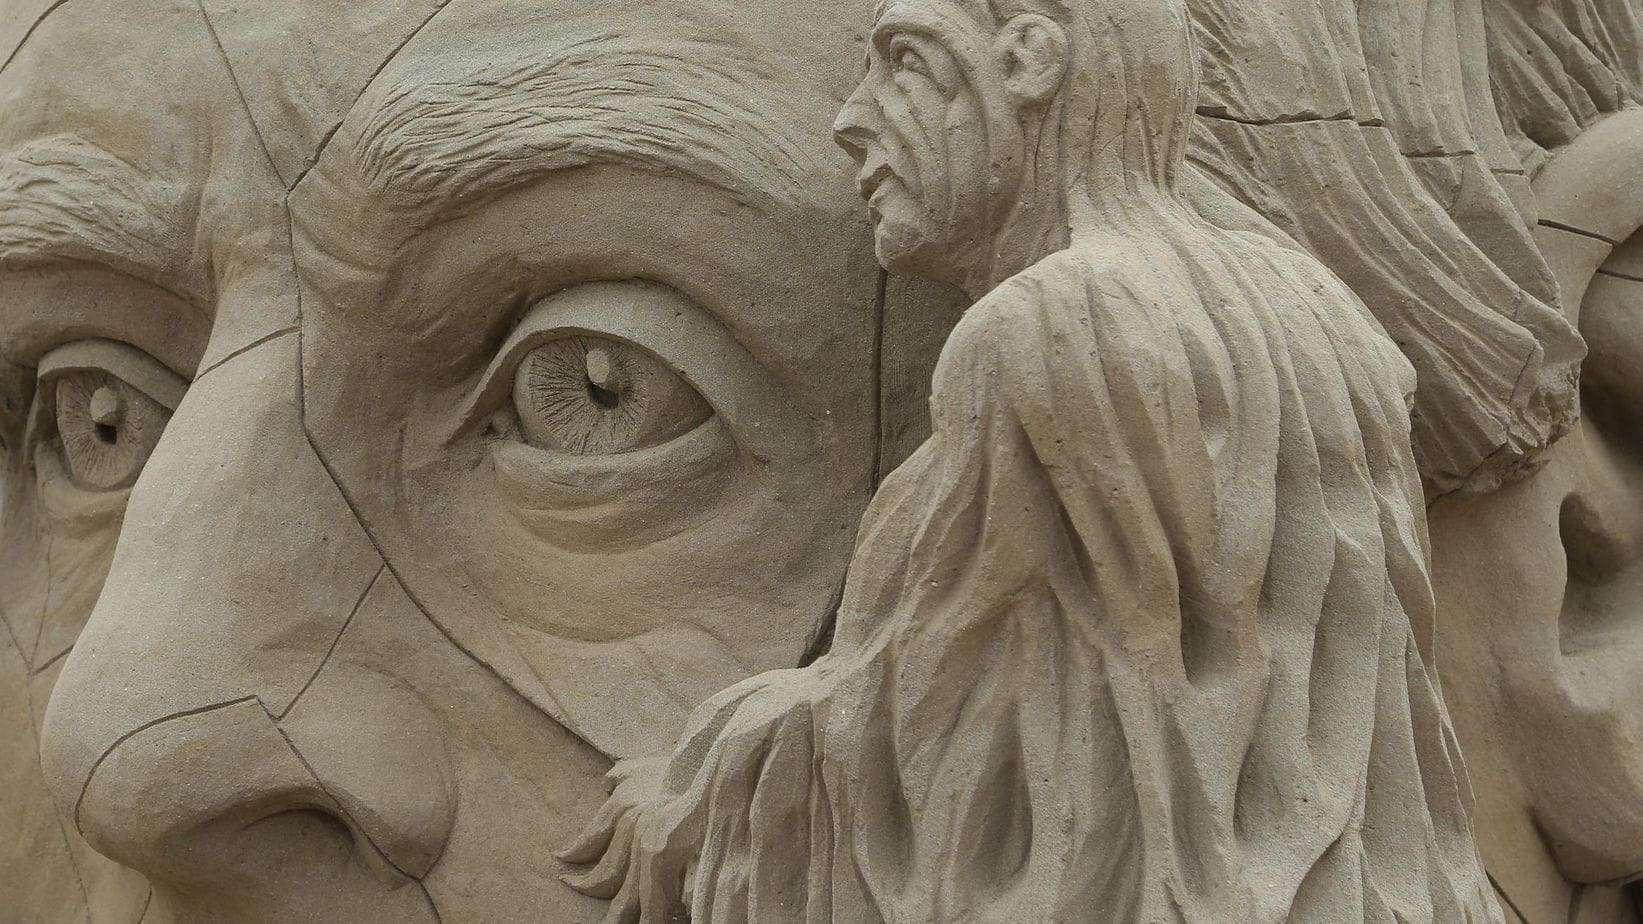 Zandsculpturen in Elburg: hoe leuk is Zandverhalen?